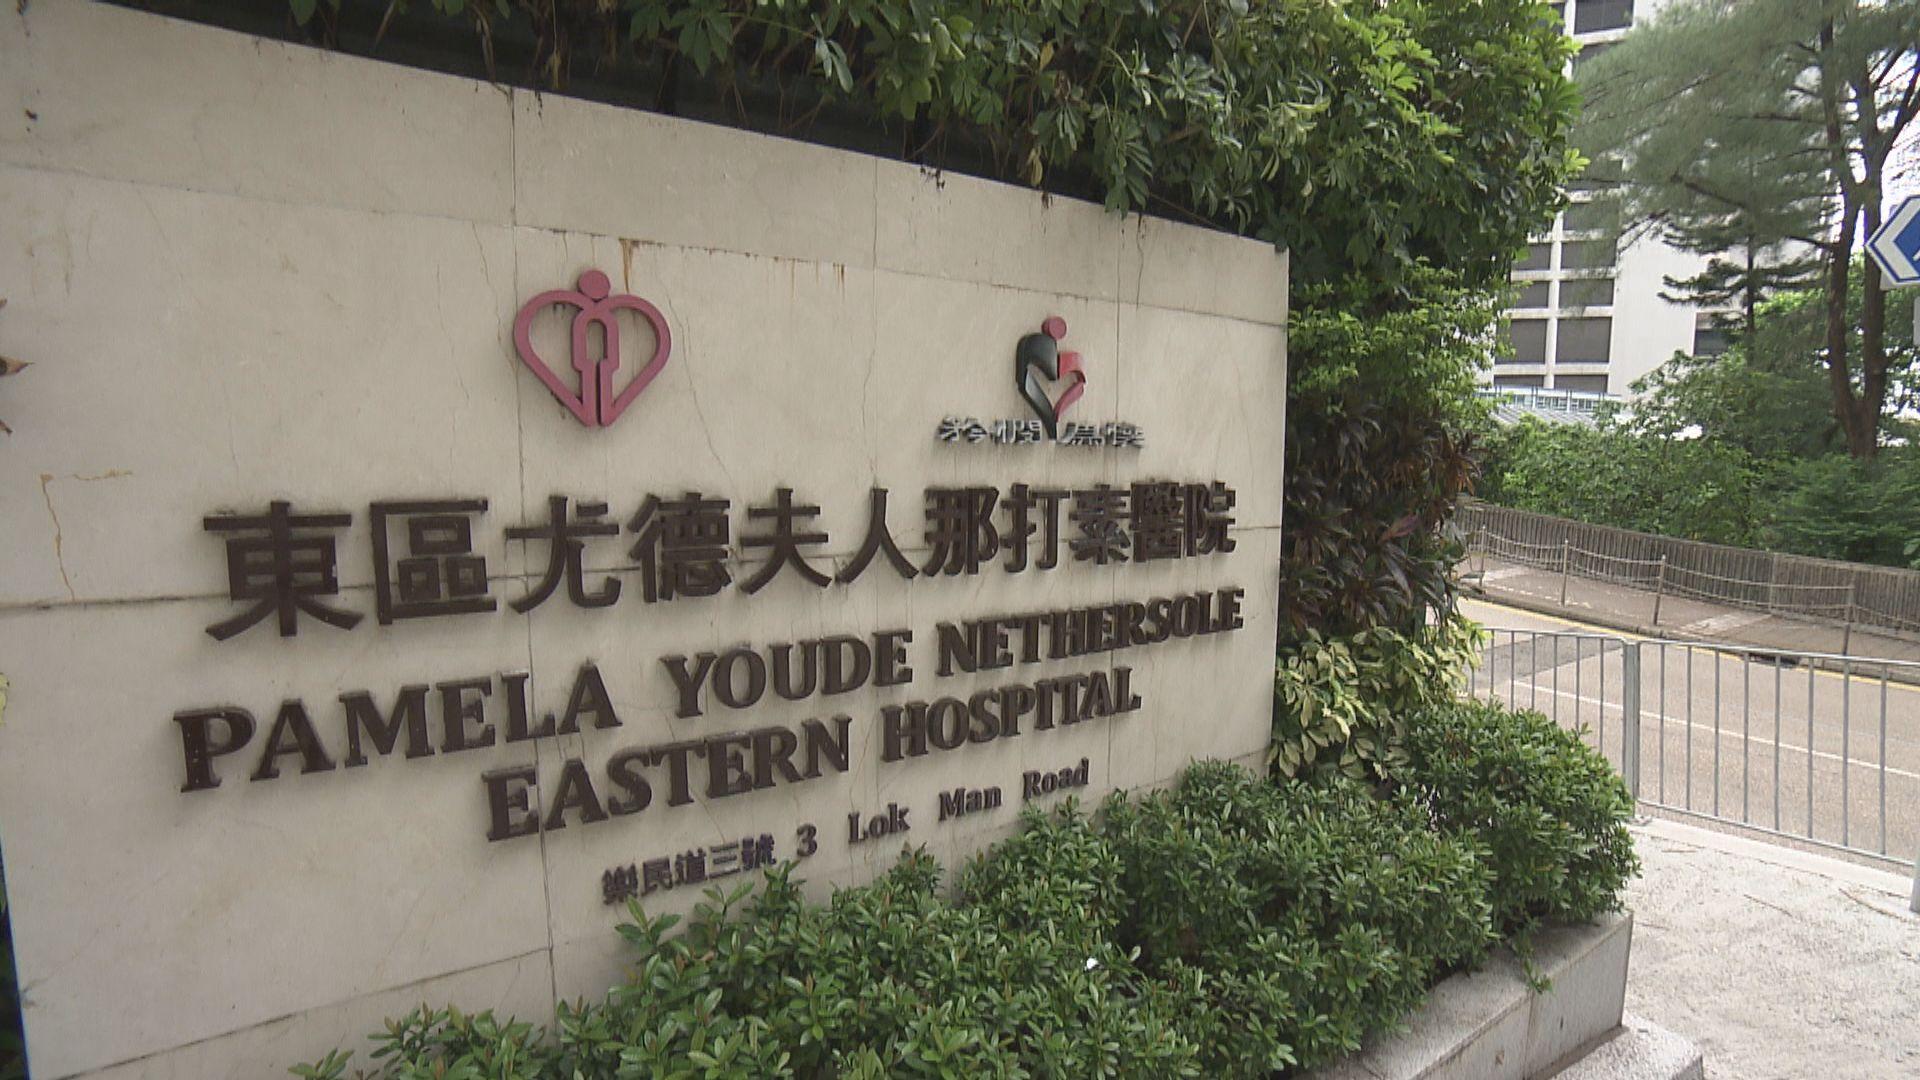 東區醫院病人換約束背心期間脈搏停頓  其後不治